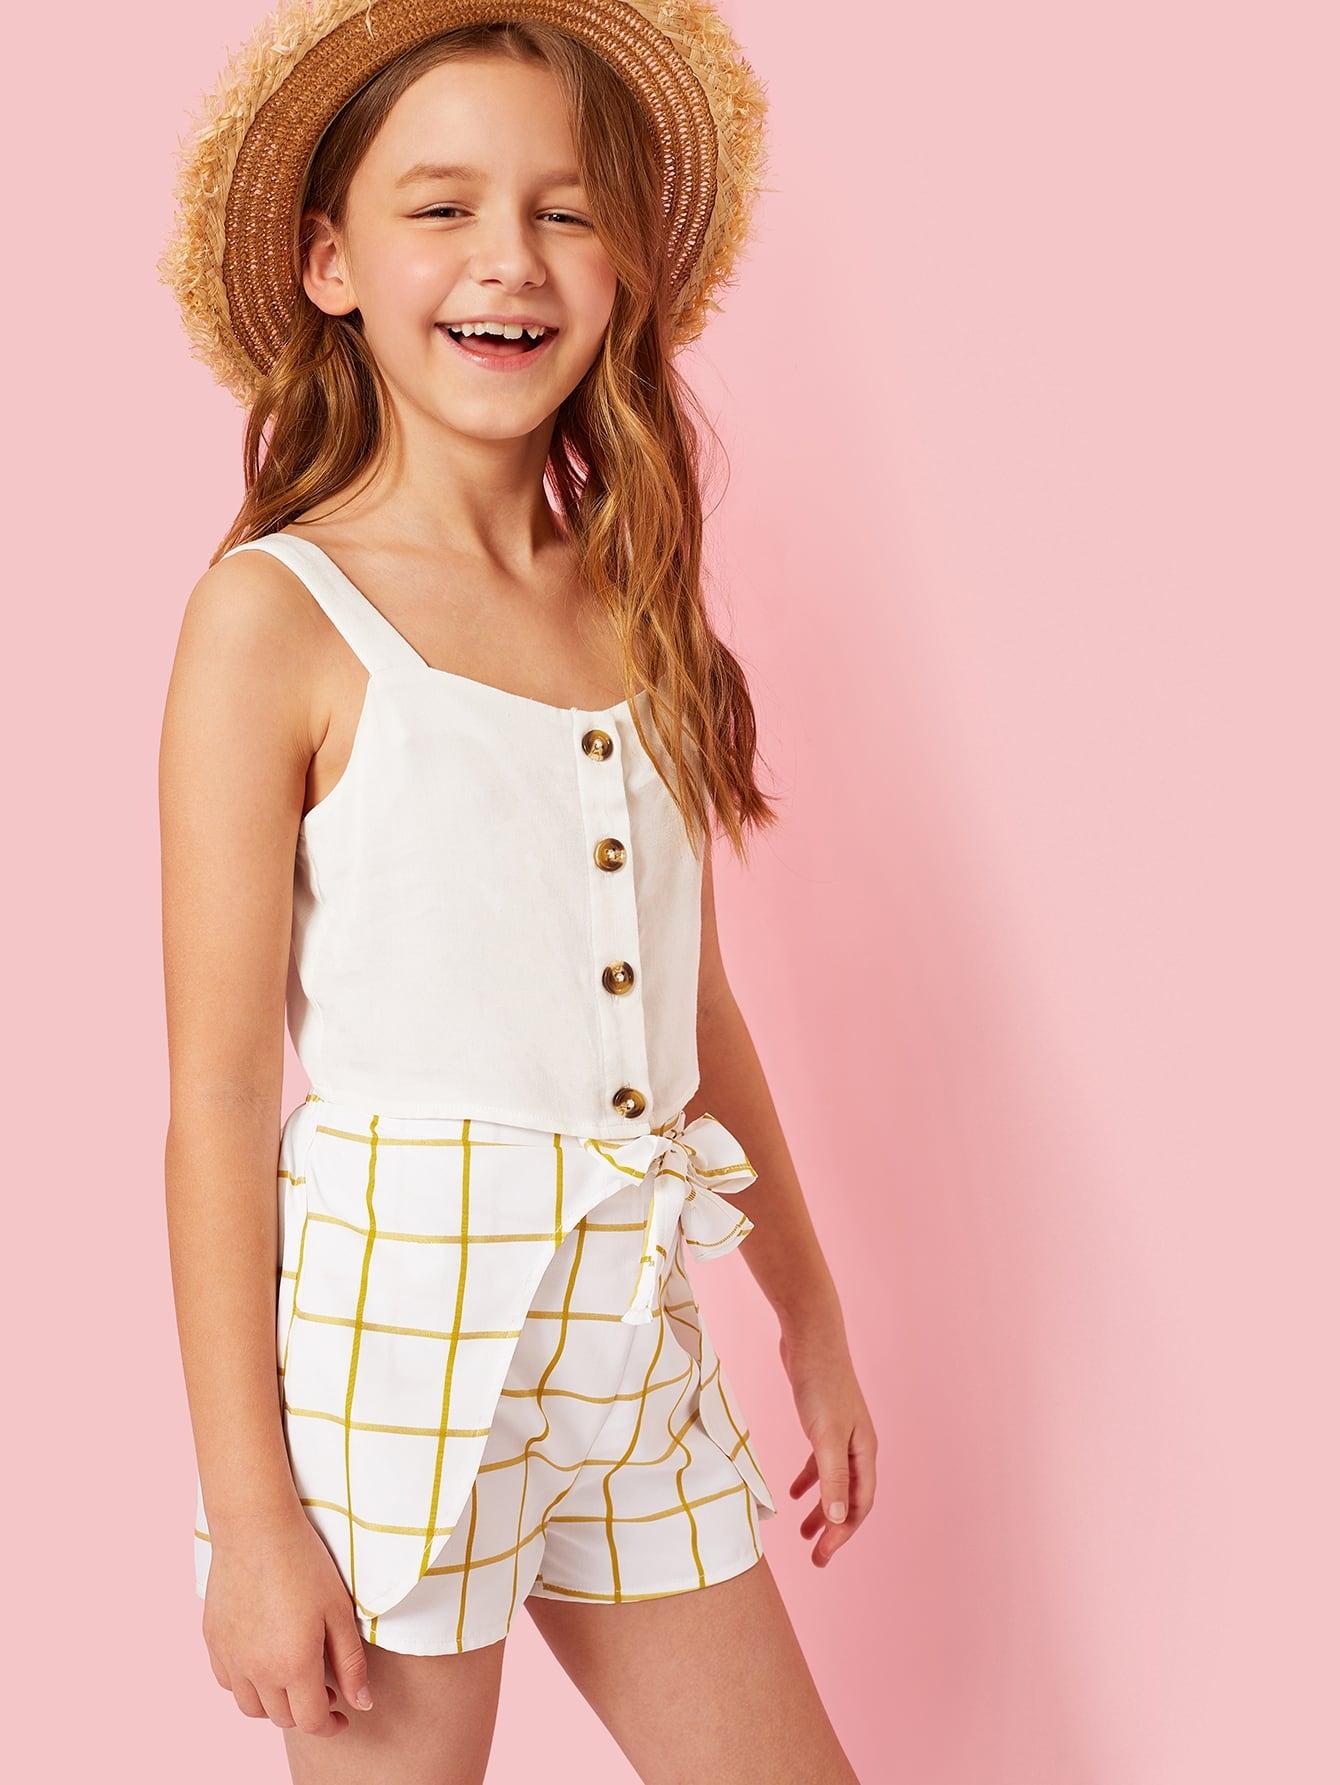 Фото - Топ на бретелях с пуговицами и шорты в клетку с узеллом комплект для девочек от SheIn белого цвета